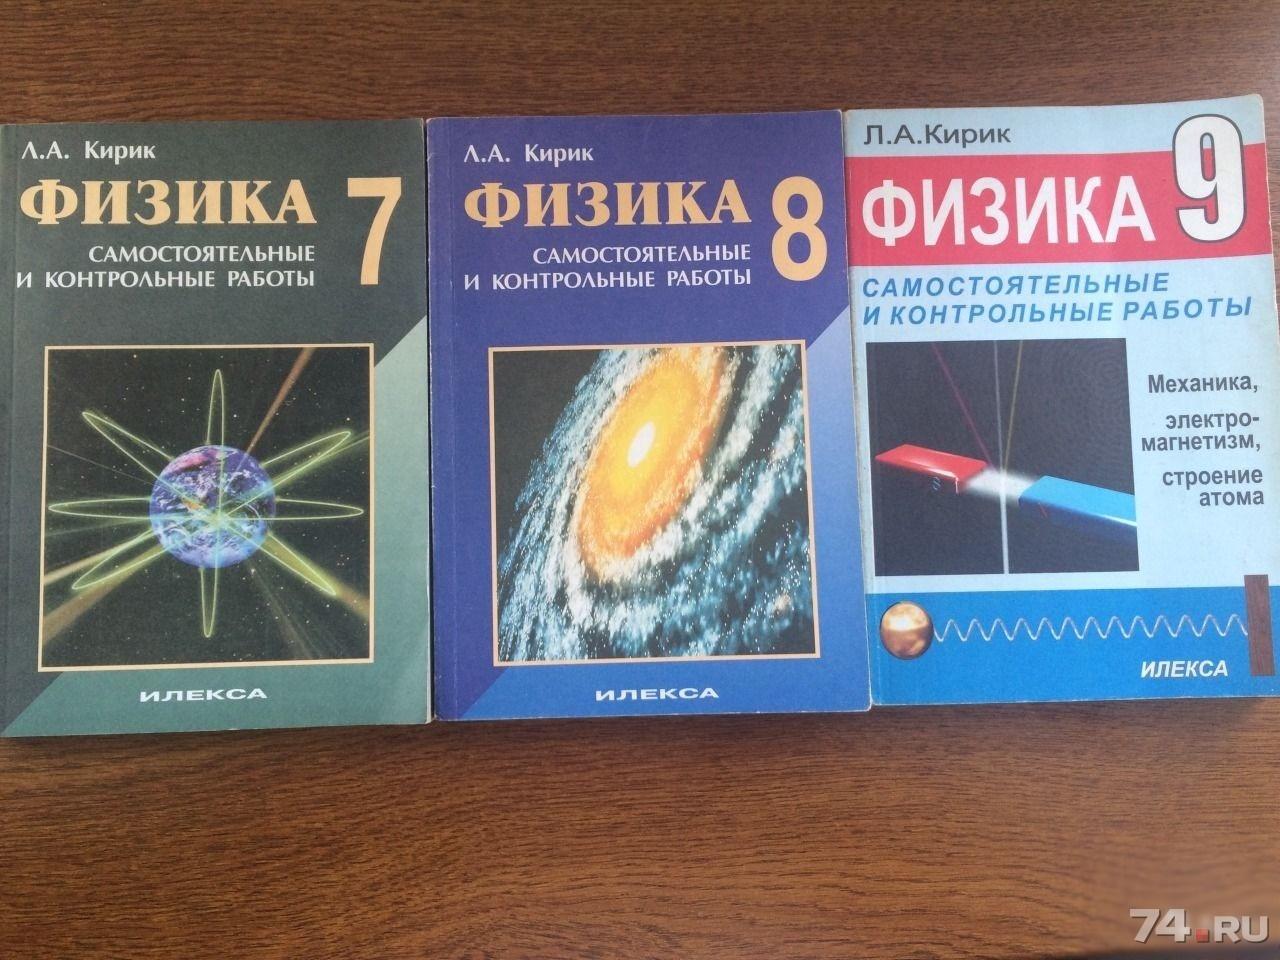 Физика 9 класс кирик самостоятельные и контрольные работы решебник ответы